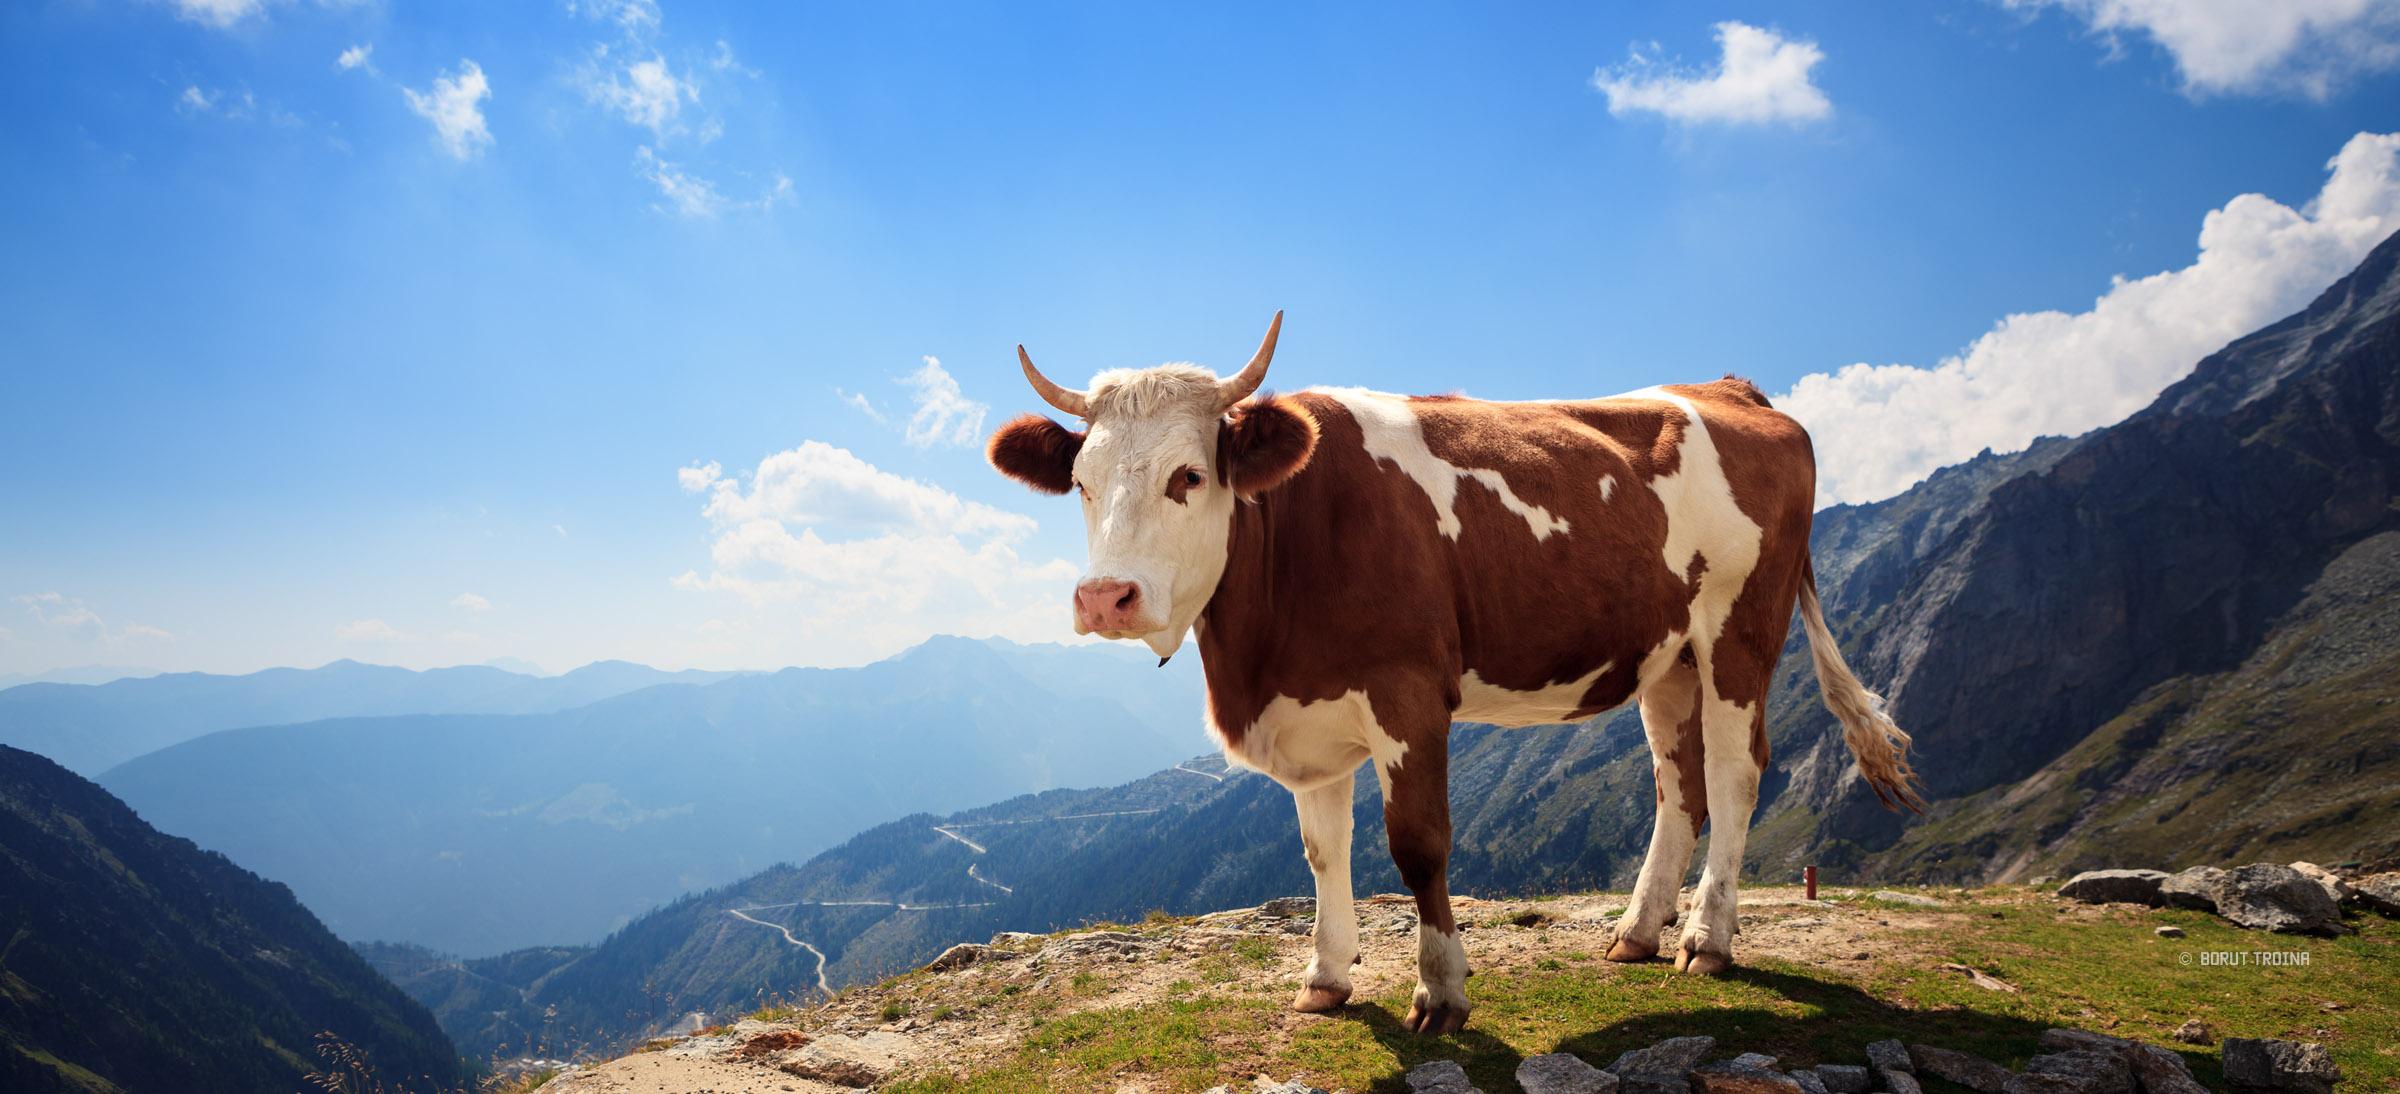 Krave će biti glavni saveznik u borbi protiv HIV-a: Sadrže antitijela koja uništavaju virus